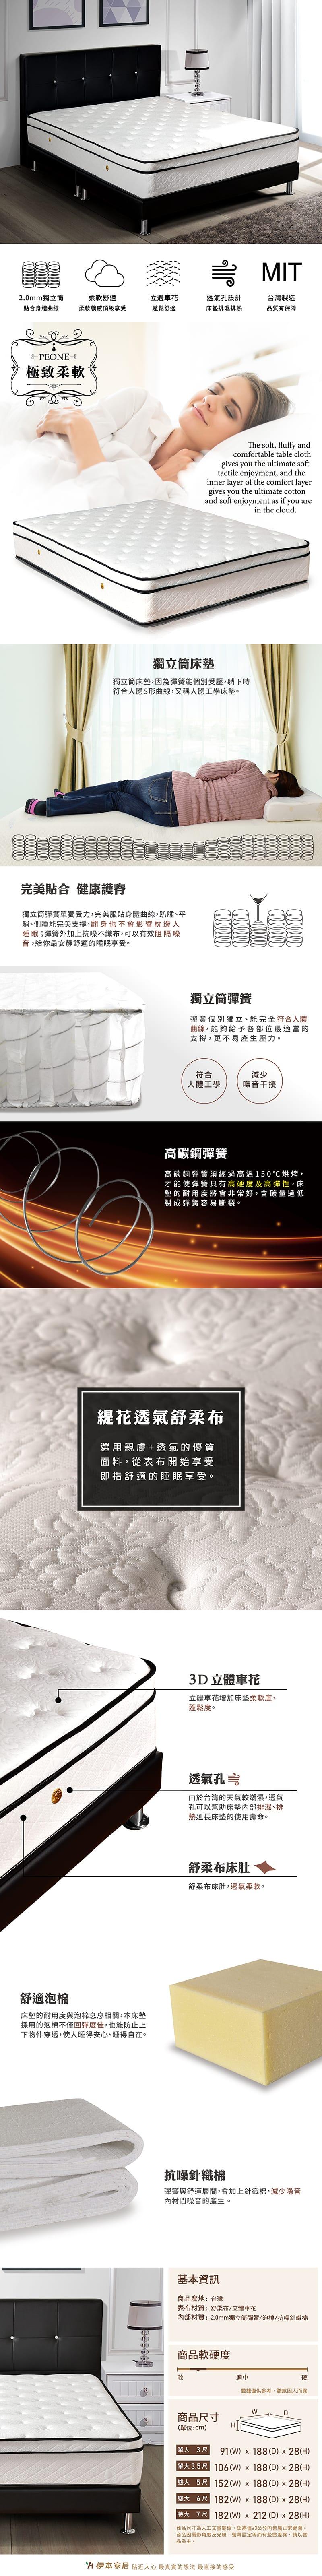 防蹣軟式獨立筒床墊 雙人加大6尺(水晶系列)